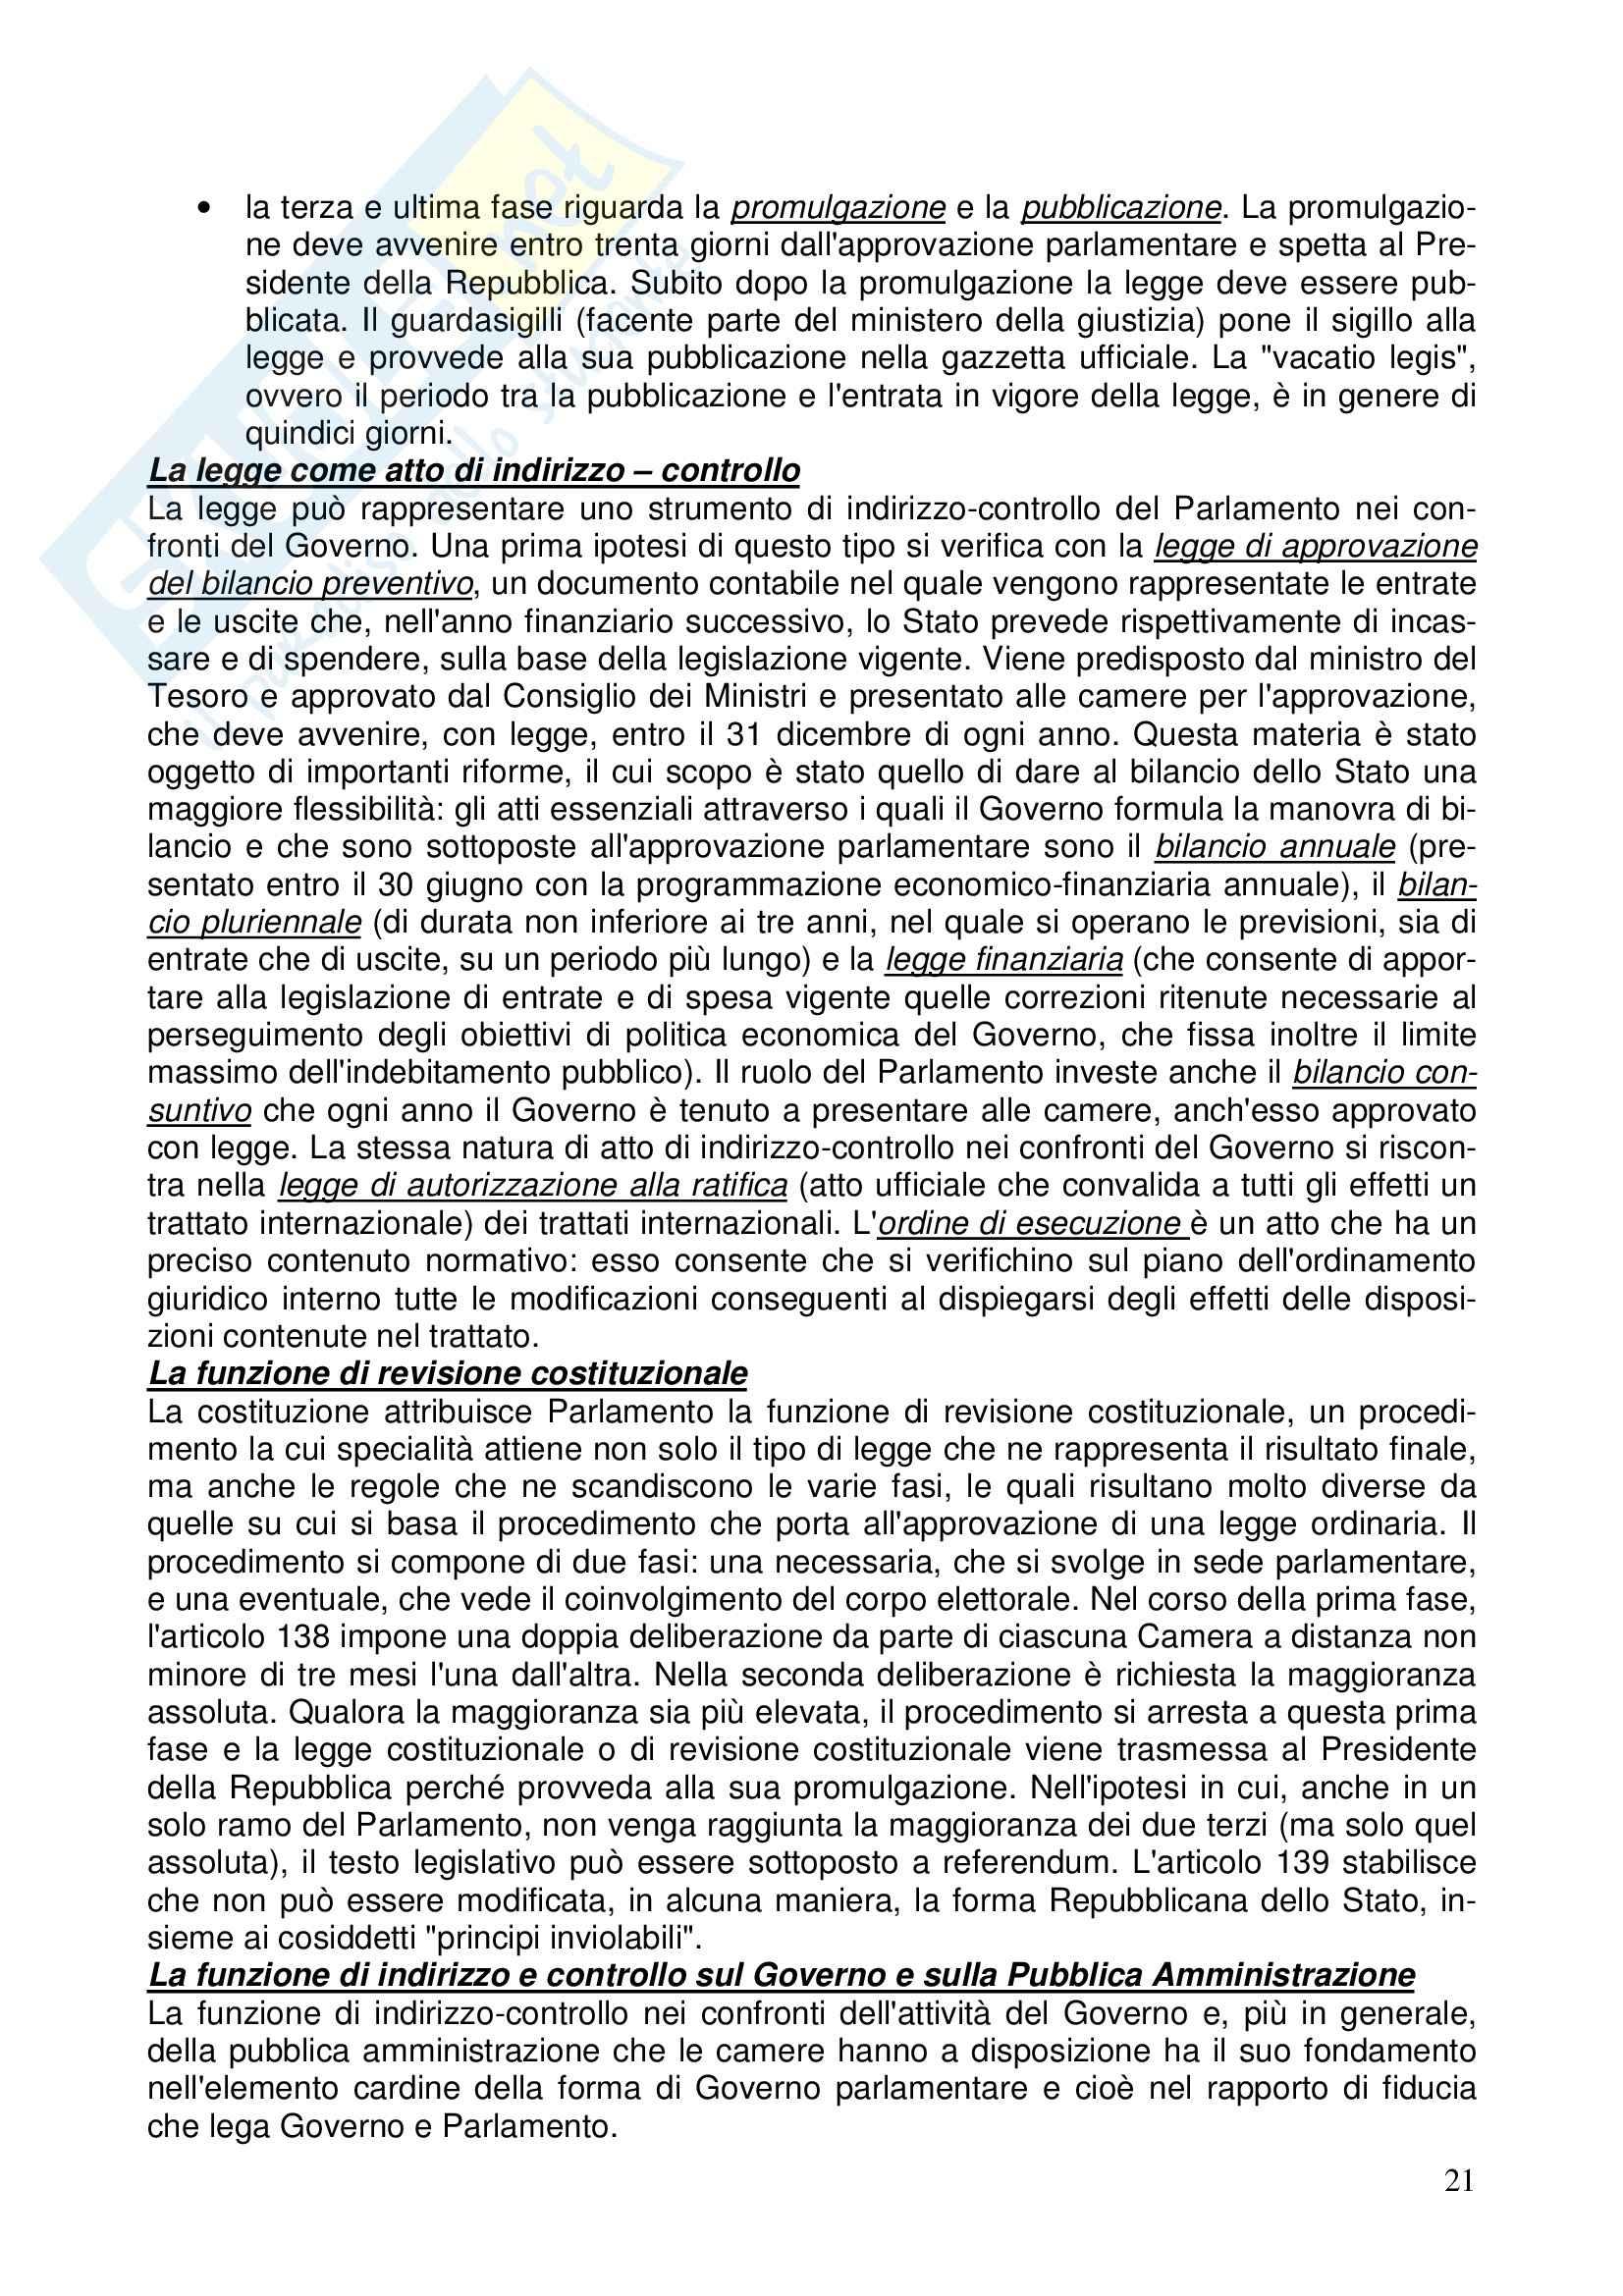 Diritto costituzionale - Riassunto esame, prof. Girelli Pag. 21